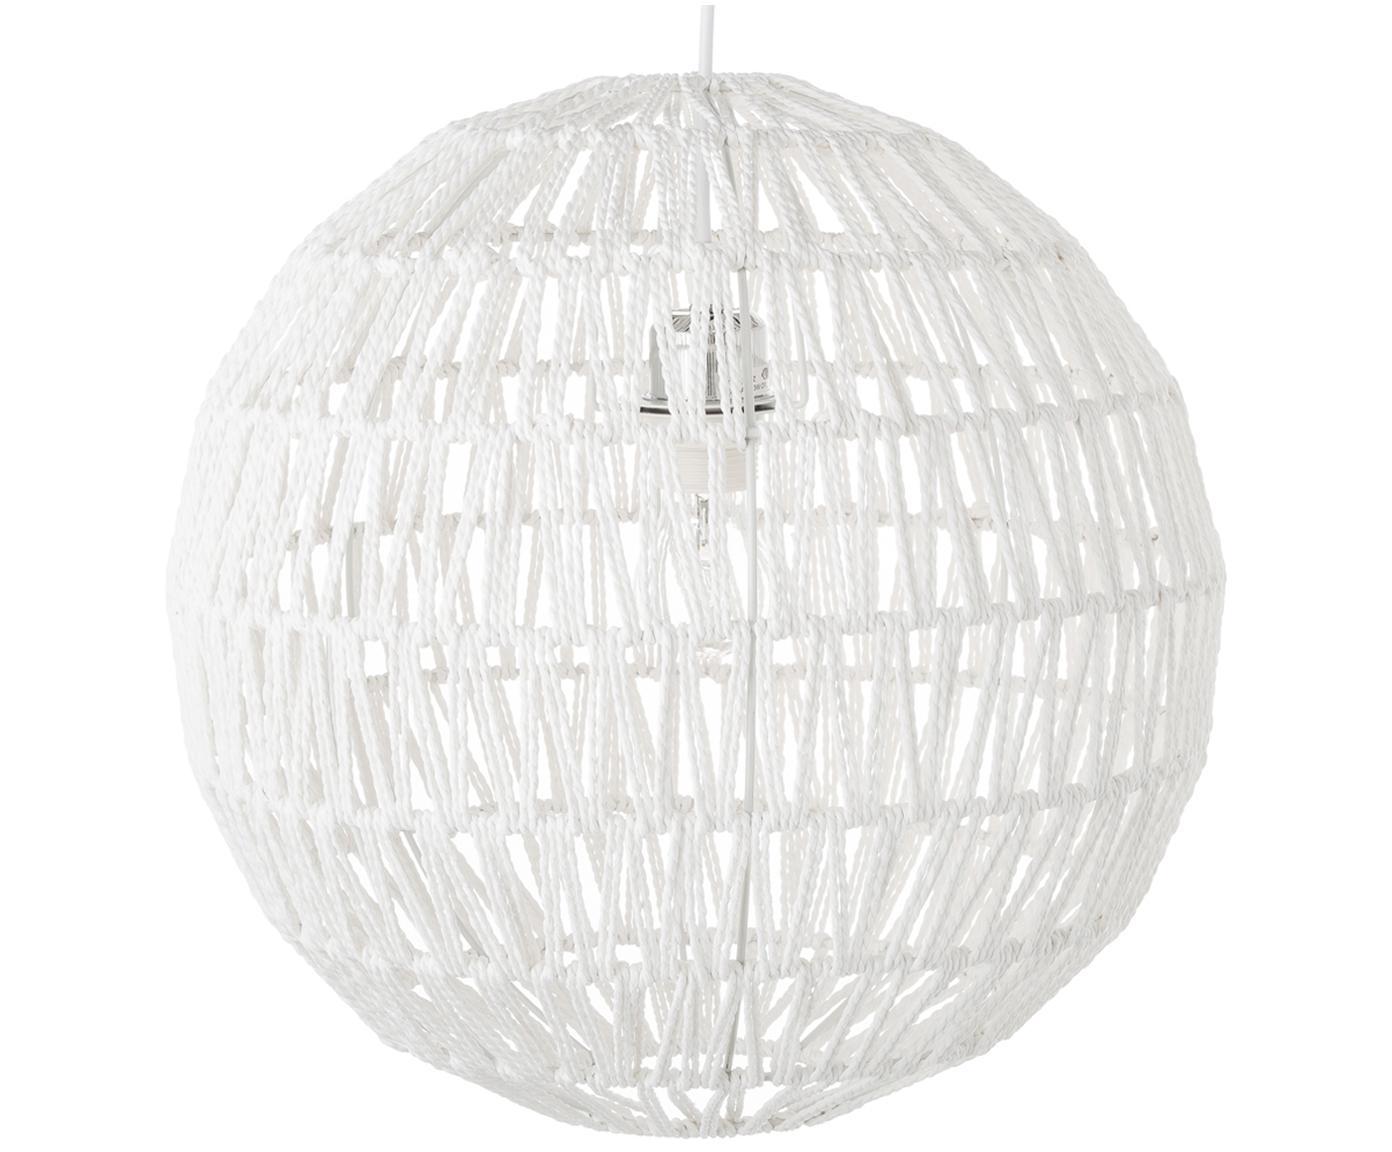 Lampada a sospensione in tessuto Cable, Metallo, tessuto, Bianco, Ø 40 x Alt. 40 cm